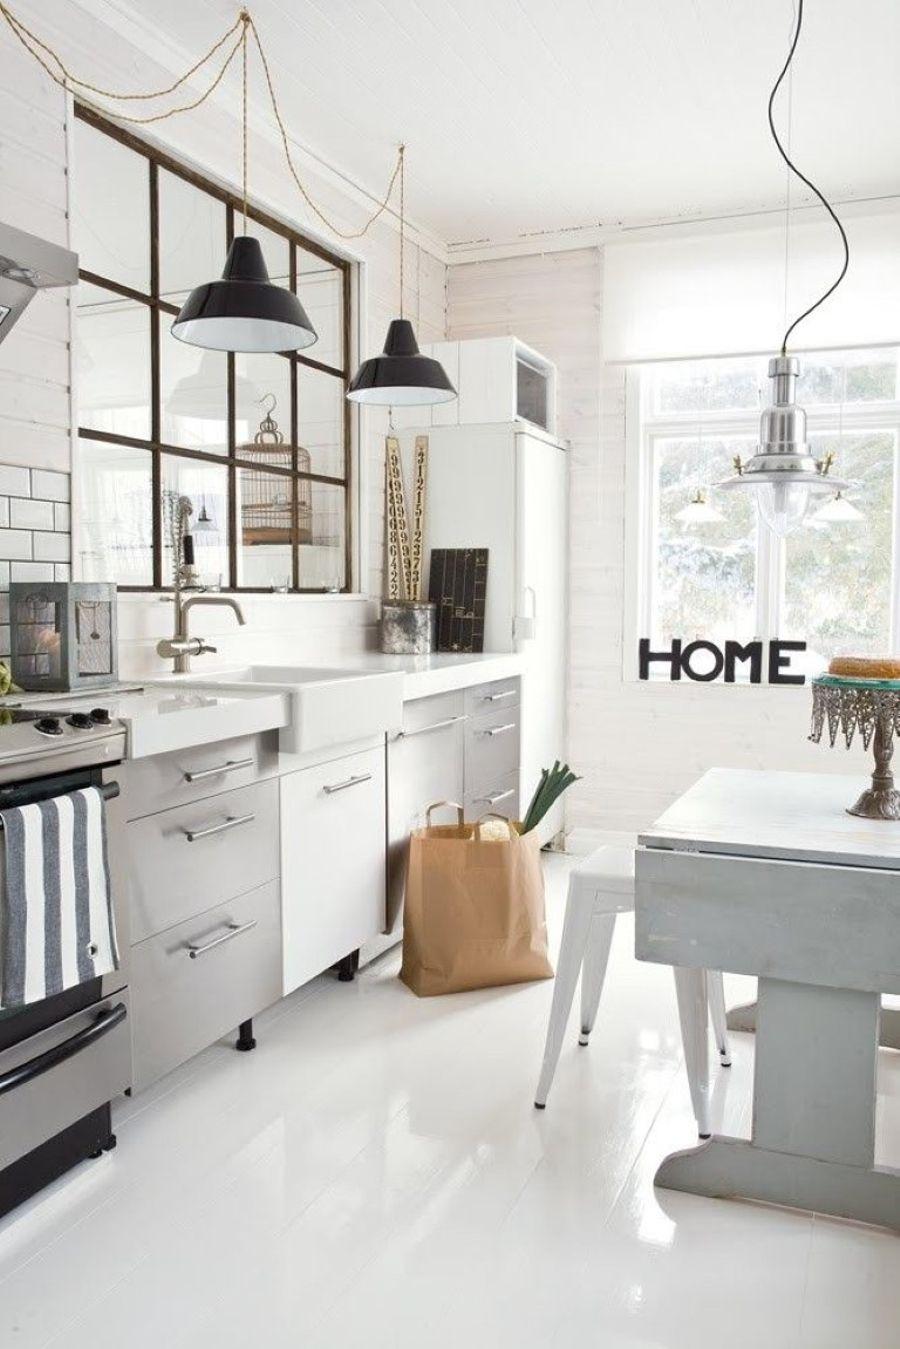 cocina con panel cristal - Separa ambientes con paneles y puertas de cristal